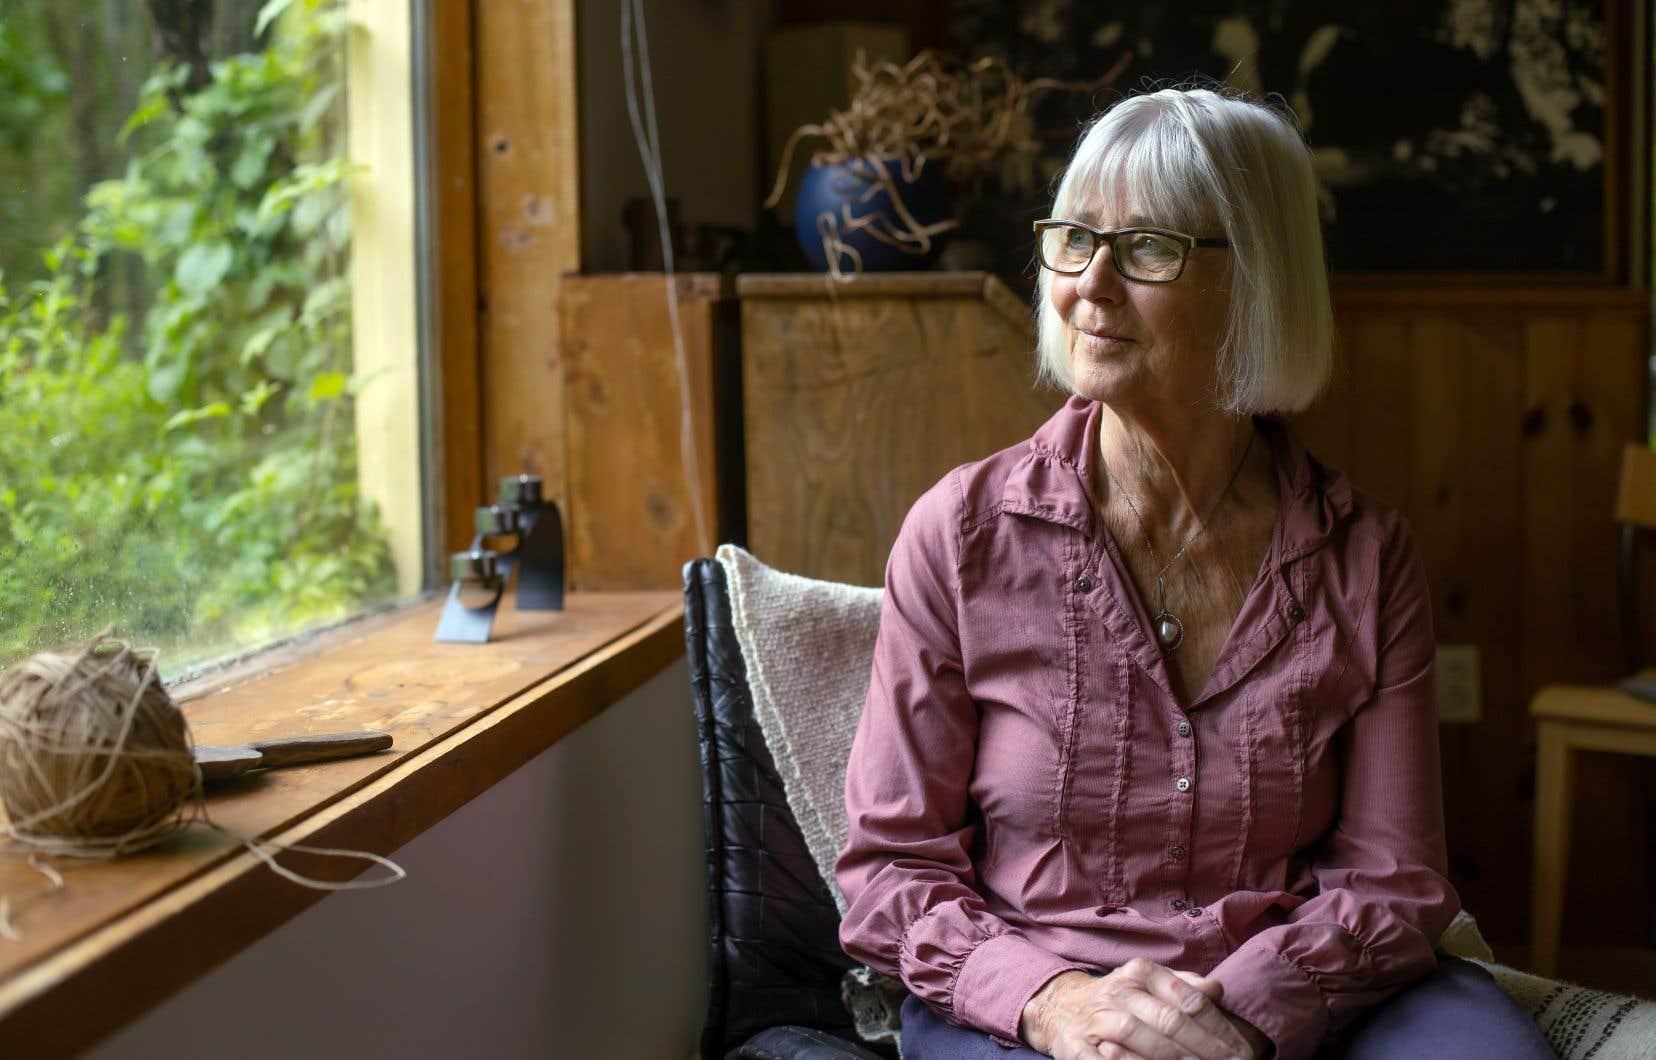 Suivant un engagement posthume, l'épouse de Bernard Arcand, Ulla Hoff, s'est chargée de terminer le manuscrit de l'anthropologue sur ses périples sud-américains, où il avait observé le mode de vie des Cuivas. Elle fut épaulée par l'anthropologue Serge Bouchard et Sylvie Vincent, une collègue d'Arcand.